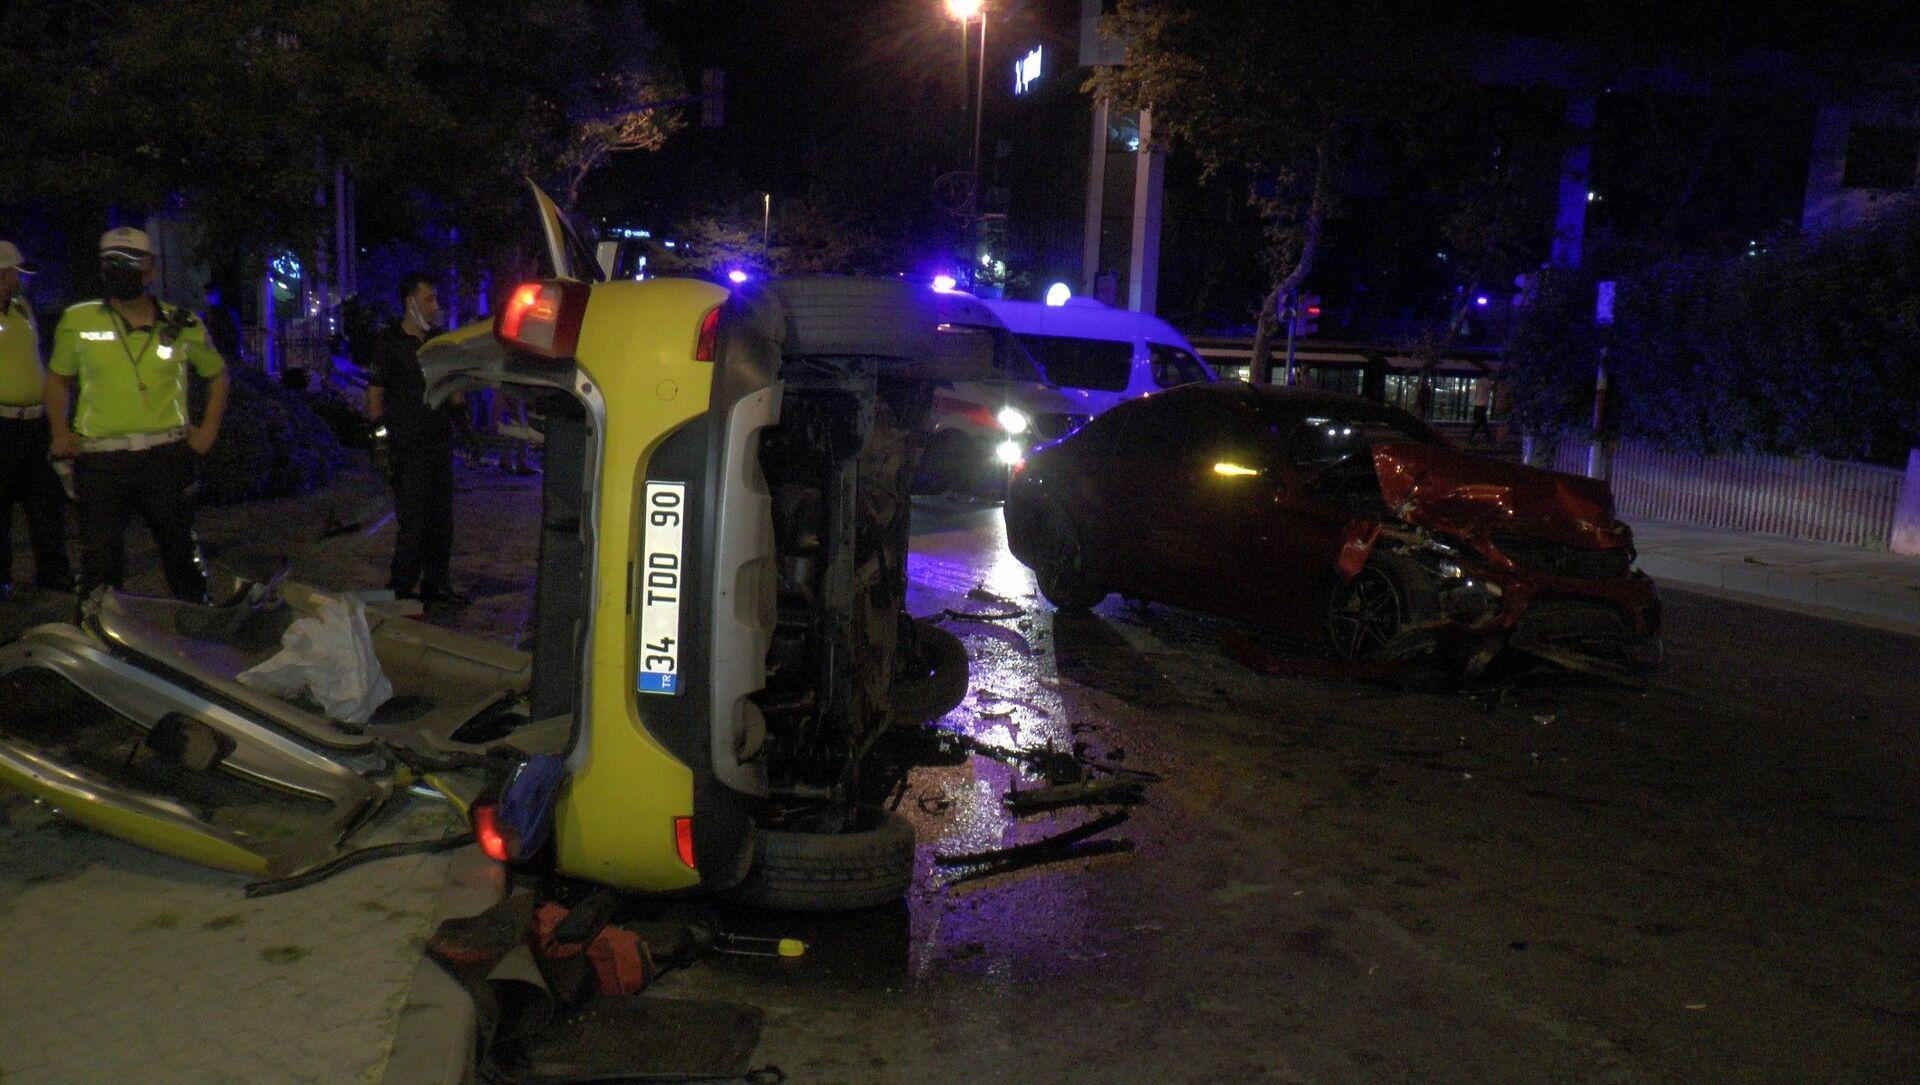 İstanbul Üsküdar'da, ticari taksi ile otomobilin çarpışması sonucu 3 kişi yaralandı. - Sputnik Türkiye, 1920, 08.08.2021